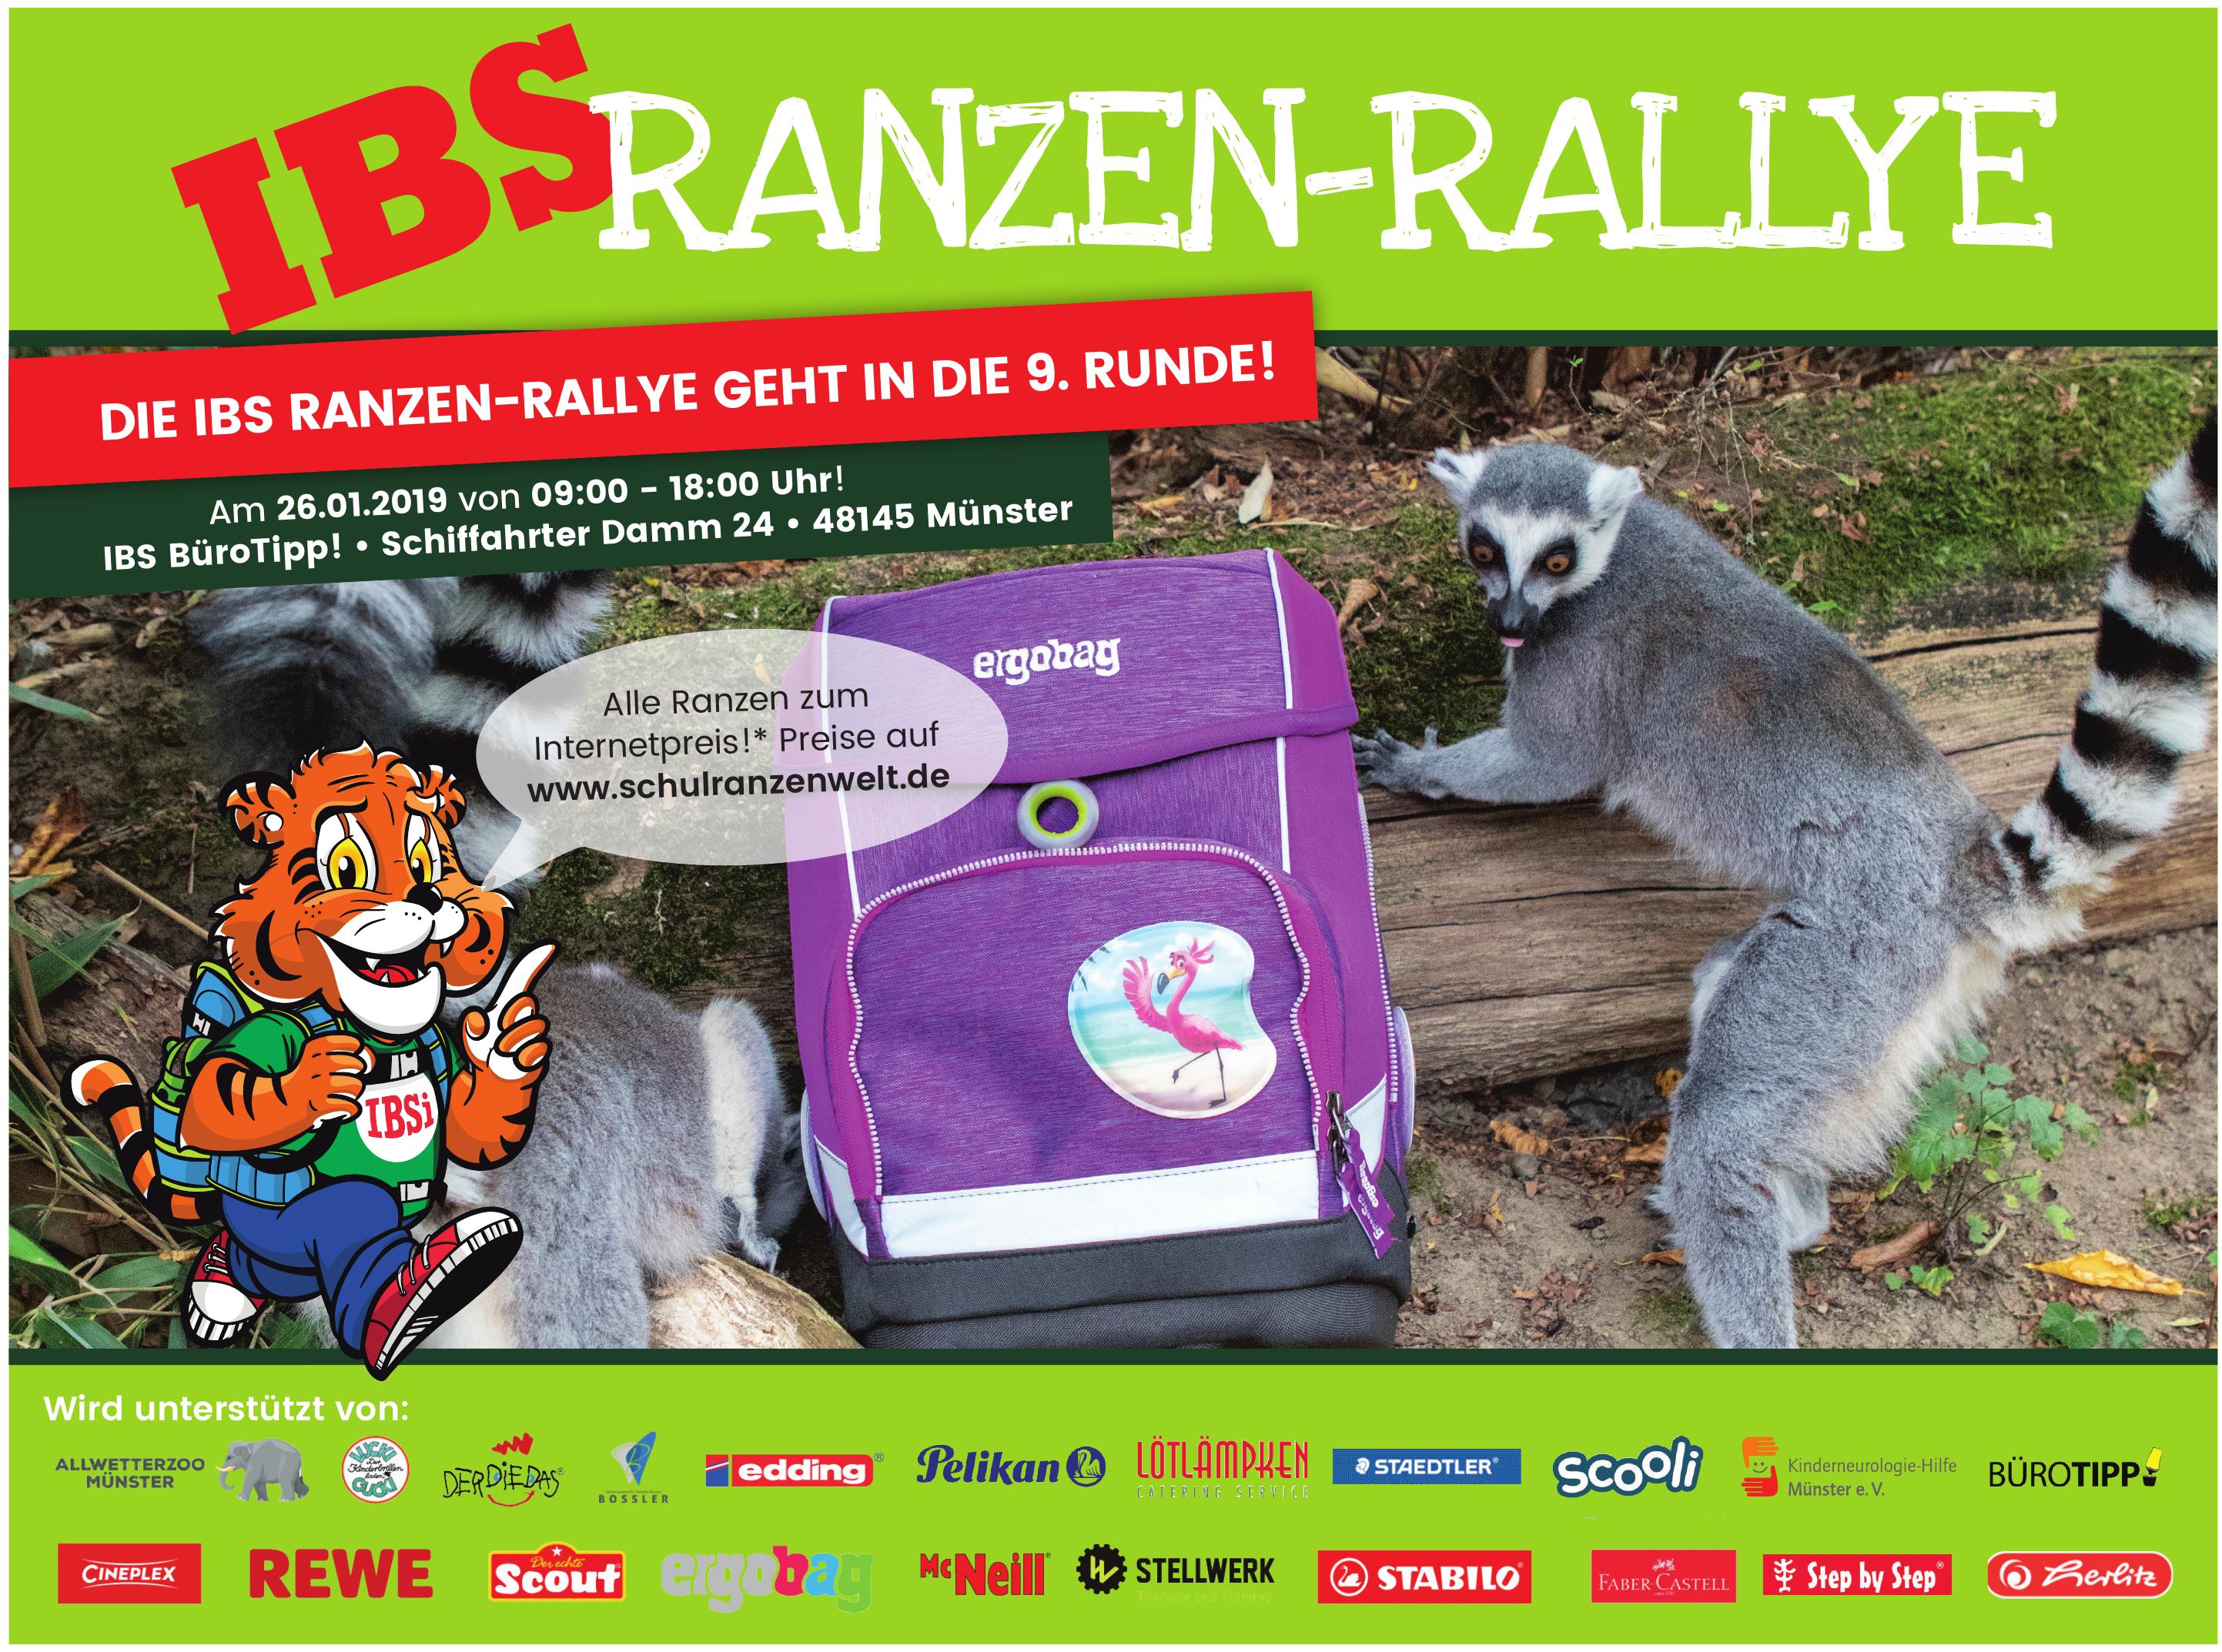 Ranzen Rallye Ibs Bürotipp Am Schiffahrter Damm 24 In Münster